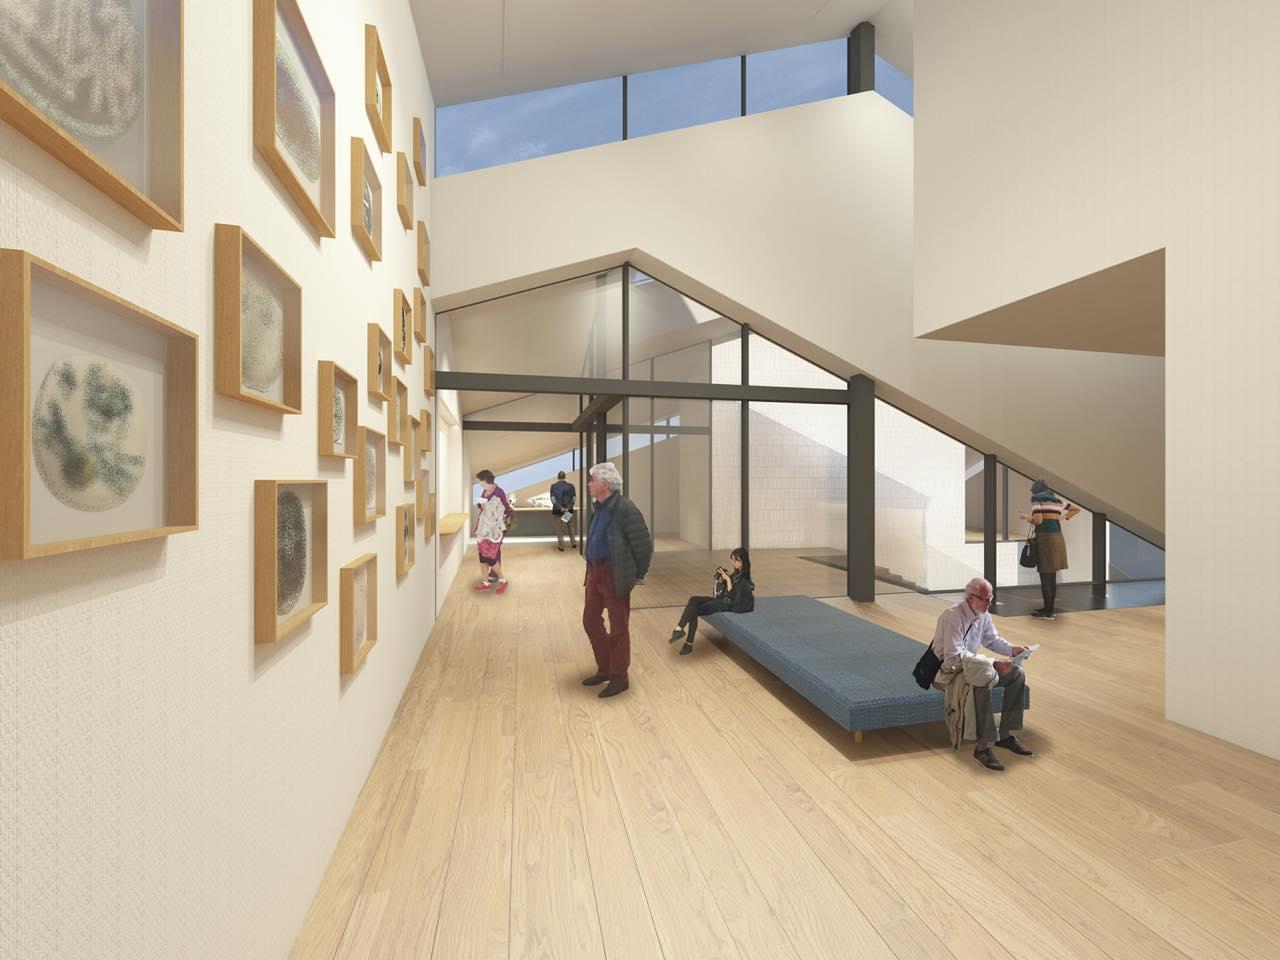 世界有数のピカソ作品を堪能できる。南青山の「ヨックモックミュージアム」